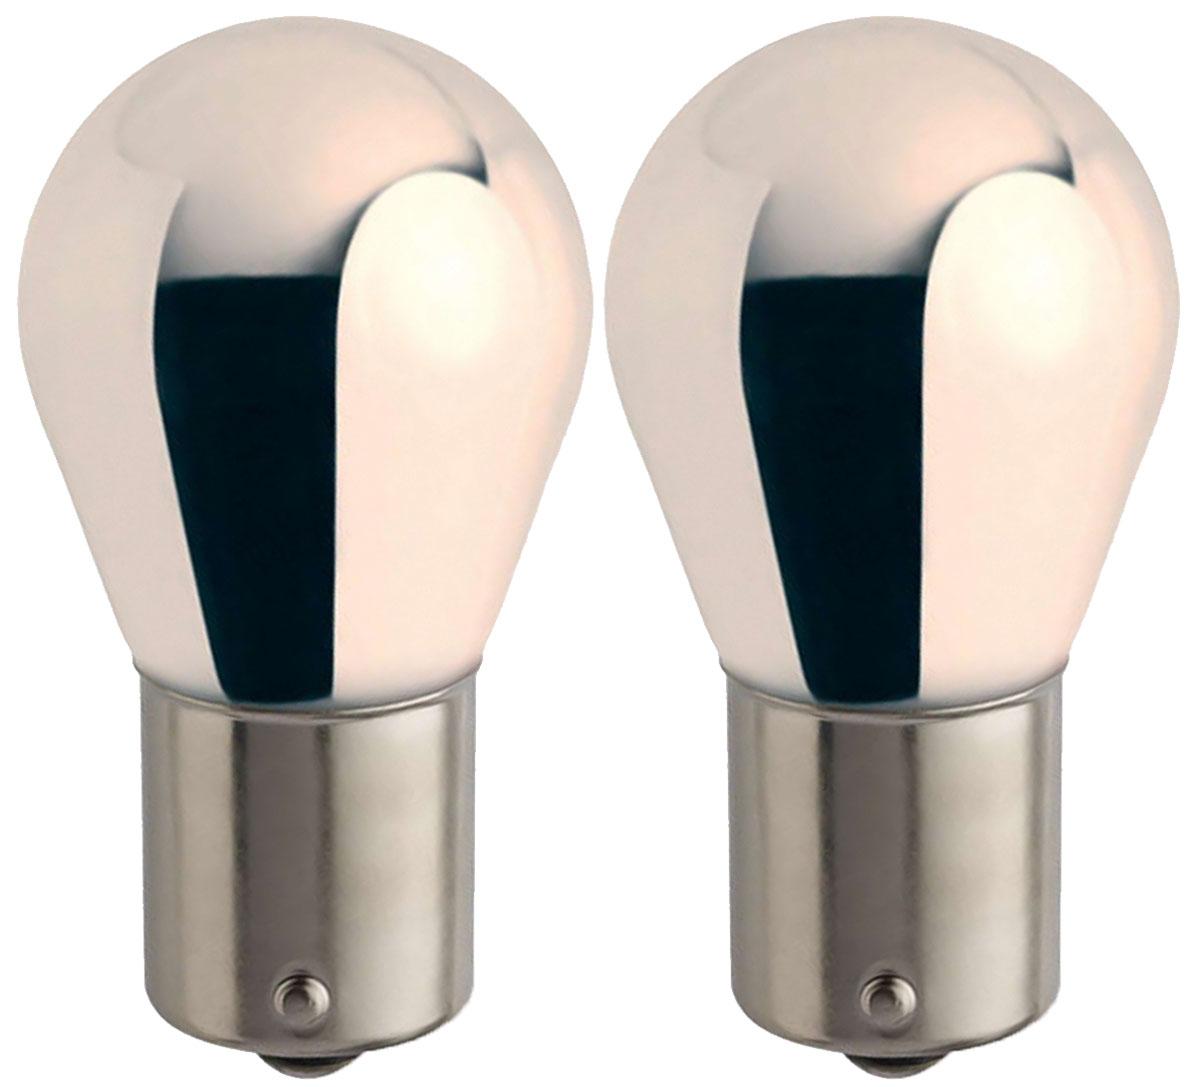 Сигнальная автомобильная лампа Philips Silver Vision PY21W 12V-21W (BAU15s) серебристый дизайн (2шт.) 12496SVB2 (бл)12496SVB2 (бл)Автомобильные лампы Philips - ваш надежный путеводитель на дорогах. Грамотно продуманный ассортимент и ценовая политика Philips позволяют автомобилисту подобрать автомобильную лампу согласно своих пожеланий. Классическое решение от Philips различного назначения для всех видов автомобилей. Напряжение: 12 вольт